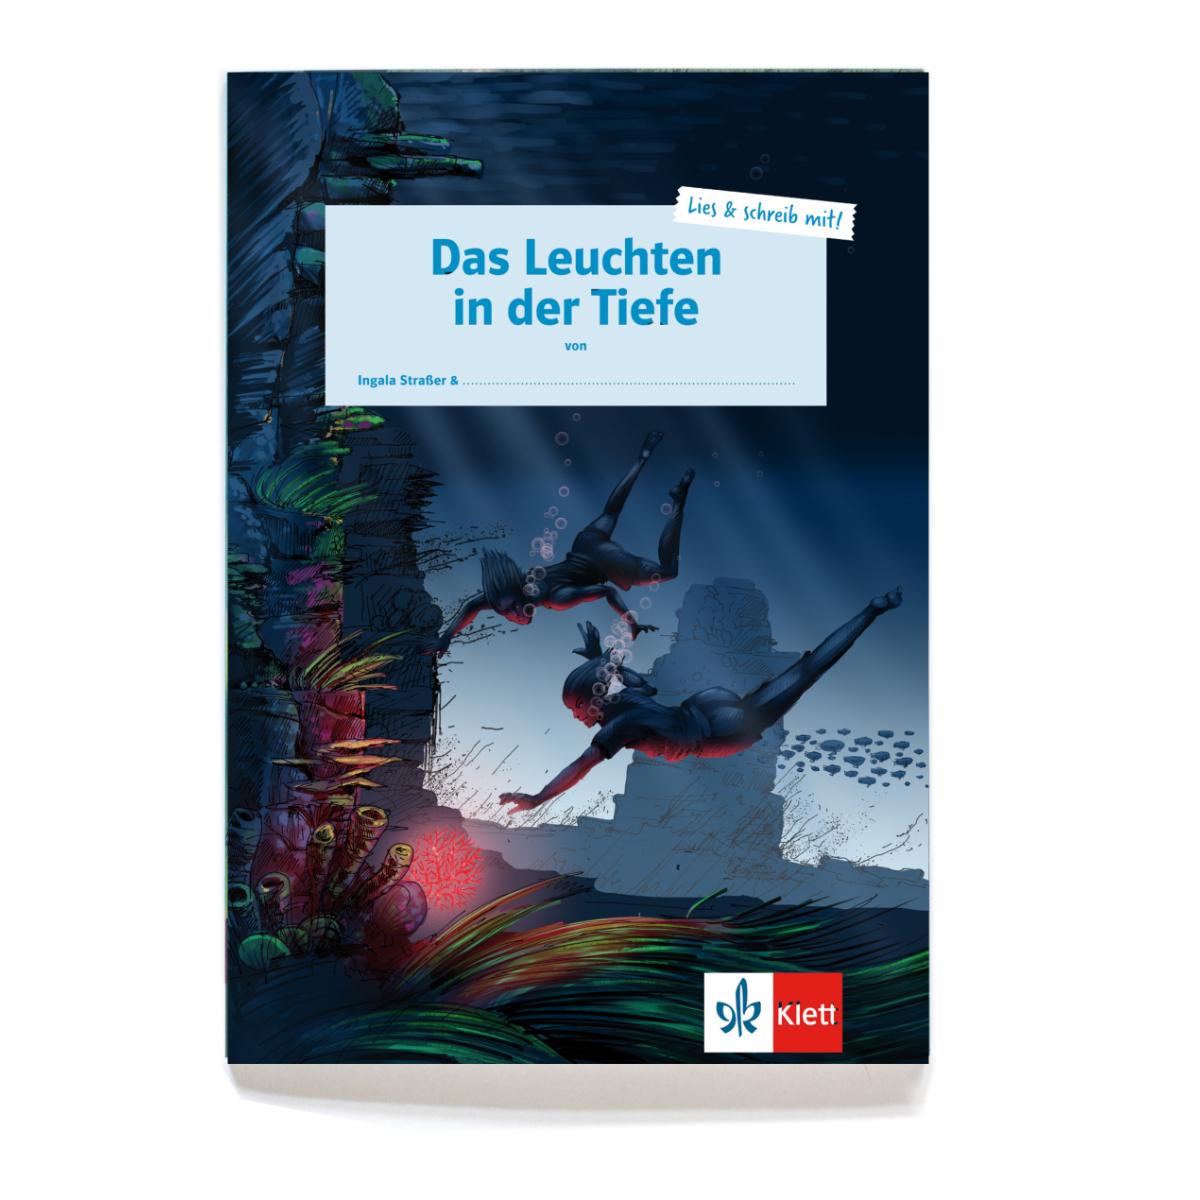 12-Klett-Belegexemplar-cover-underwater-diving-fishes.jpg